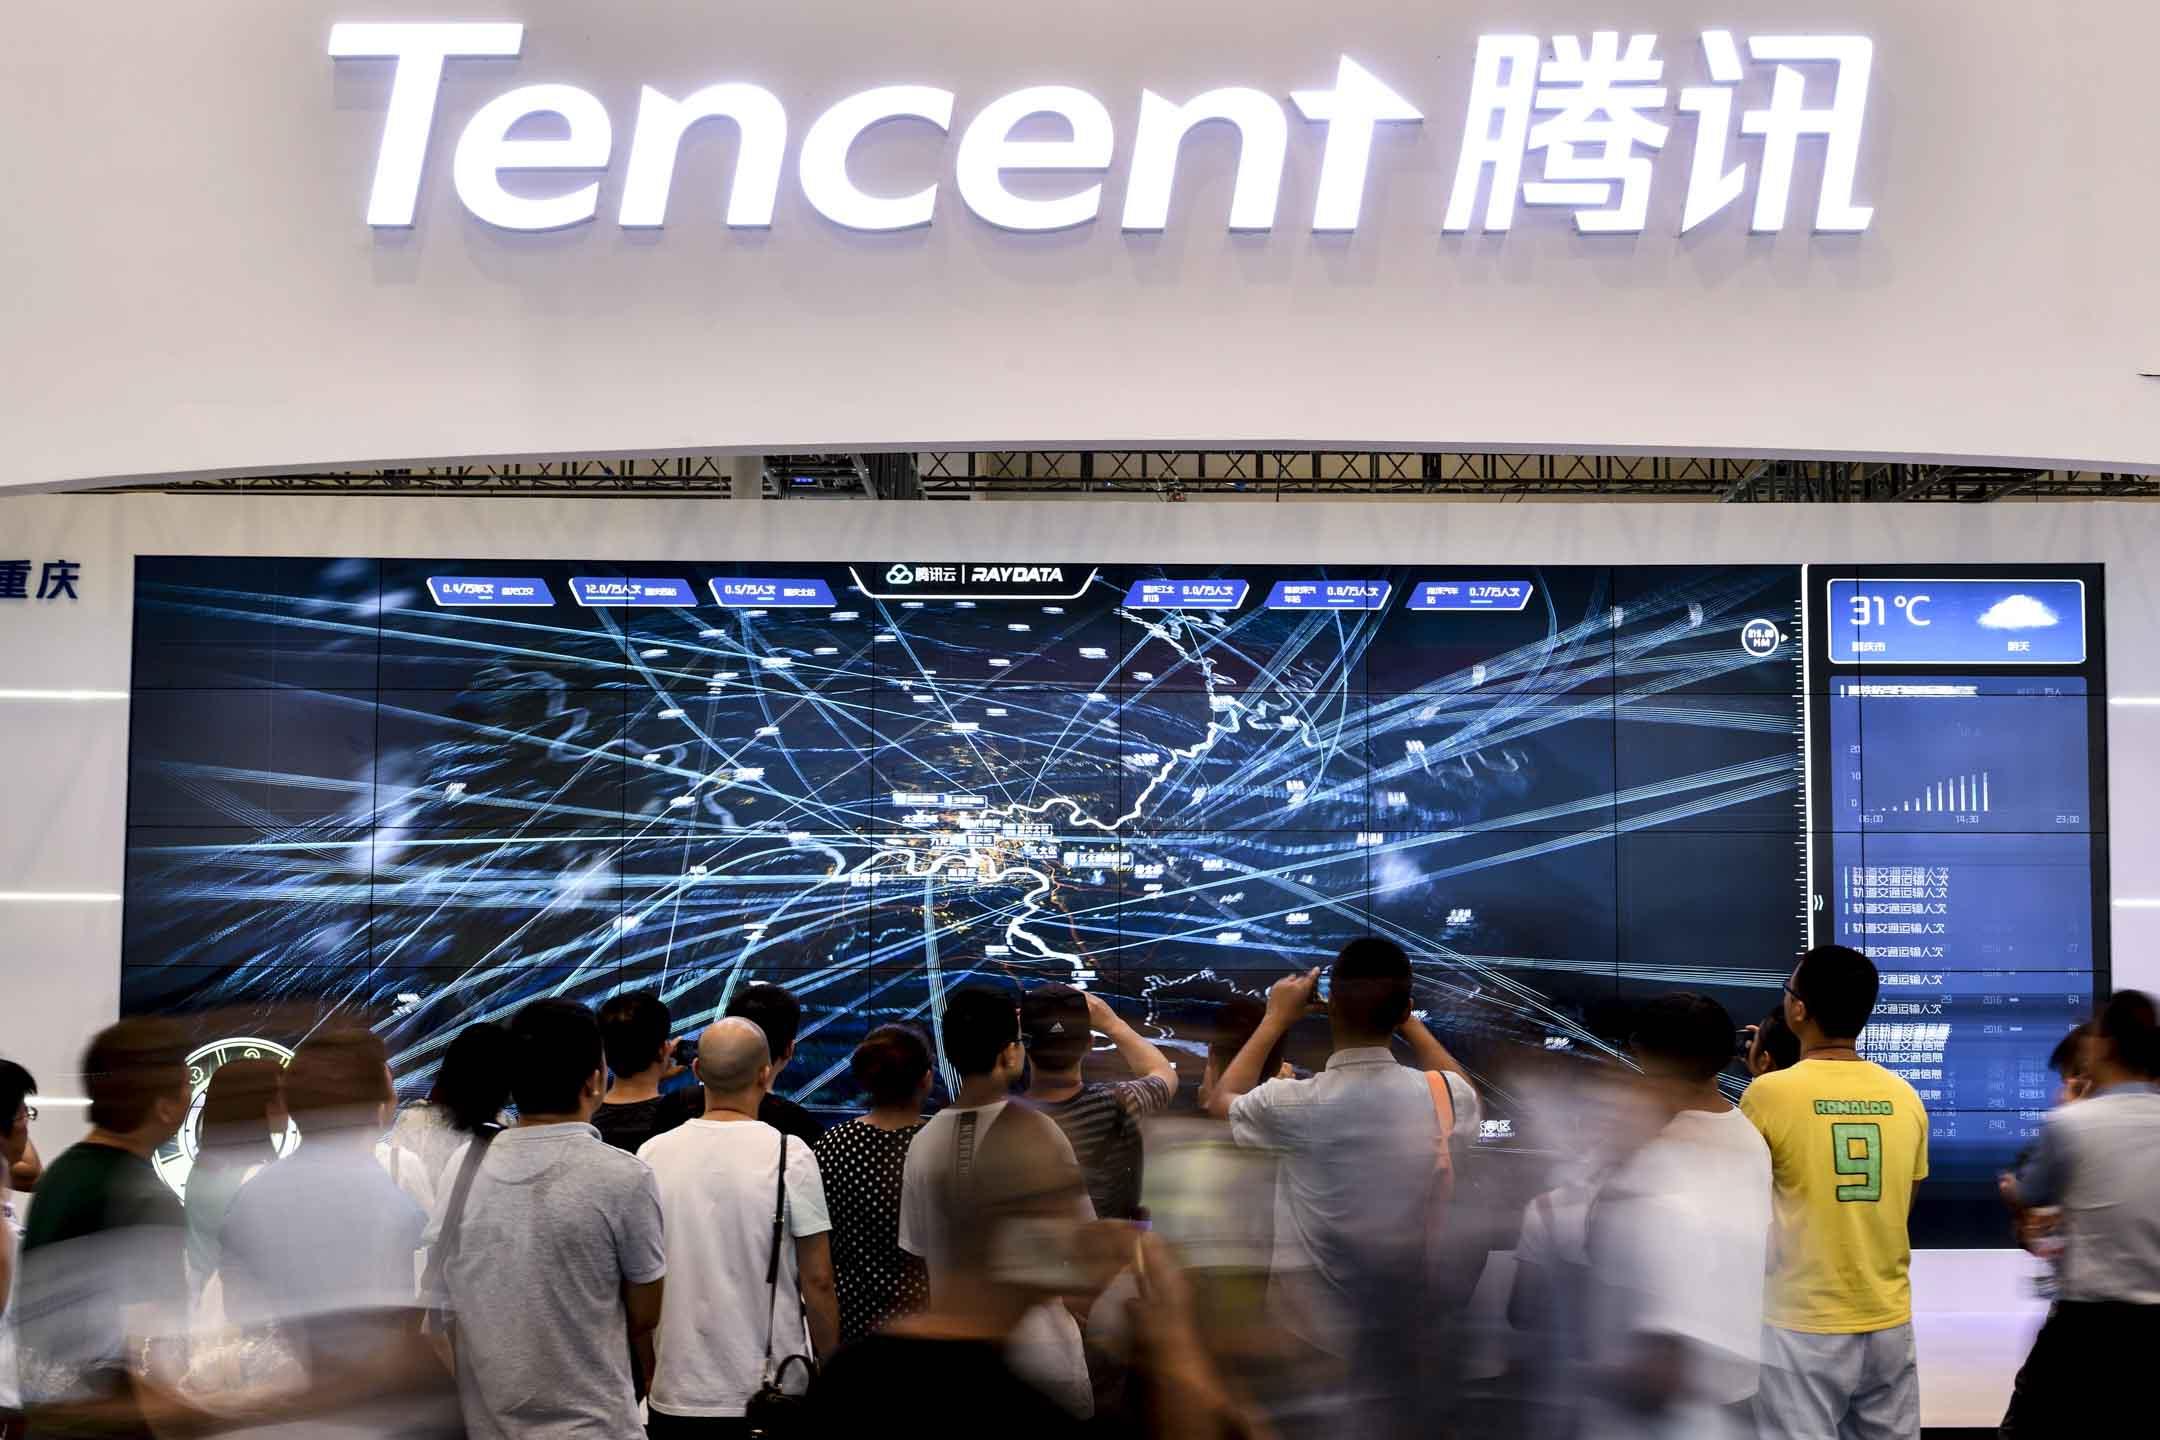 2019年8月27日,重慶國際博覽中心舉行的2019 Smart China Expo,不少市民參觀騰訊展位。 攝:VCG/VCG via Getty Images